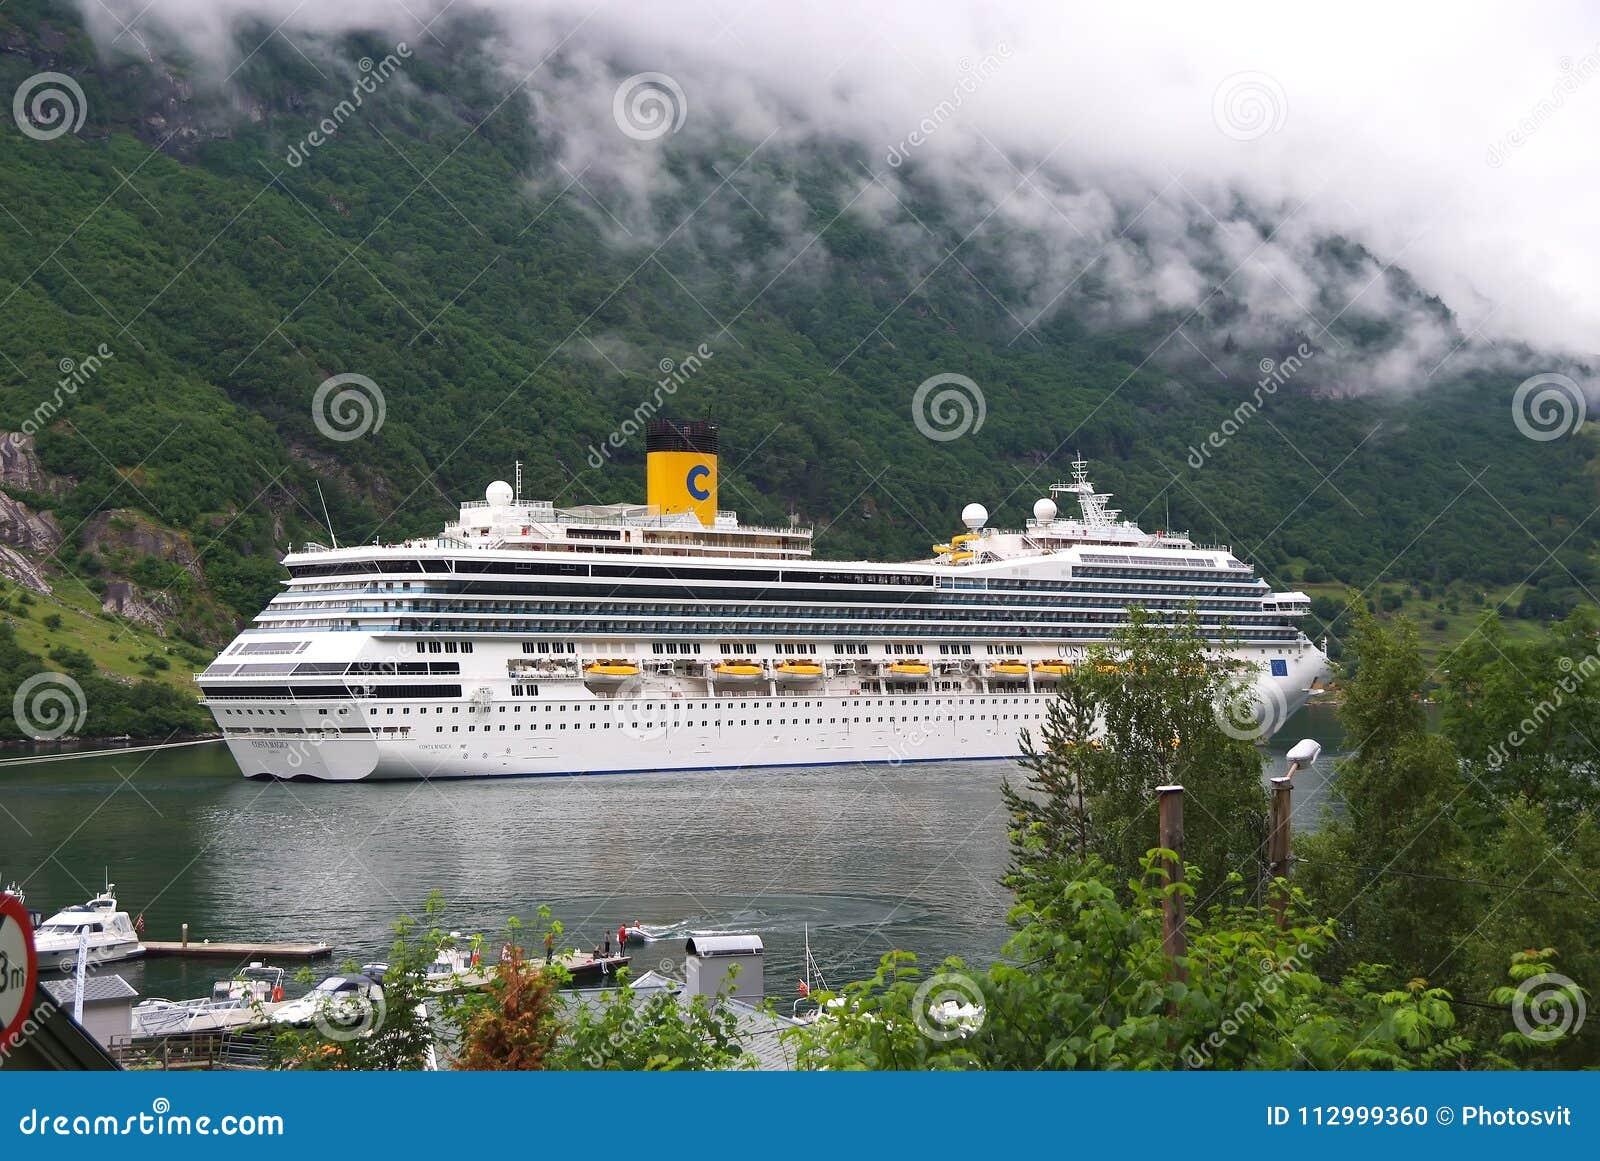 Geiranger, Norvegia - 25 gennaio 2010: nave da crociera in fiordo norvegese Destinazione di viaggio, turismo Avventura, scoperta,